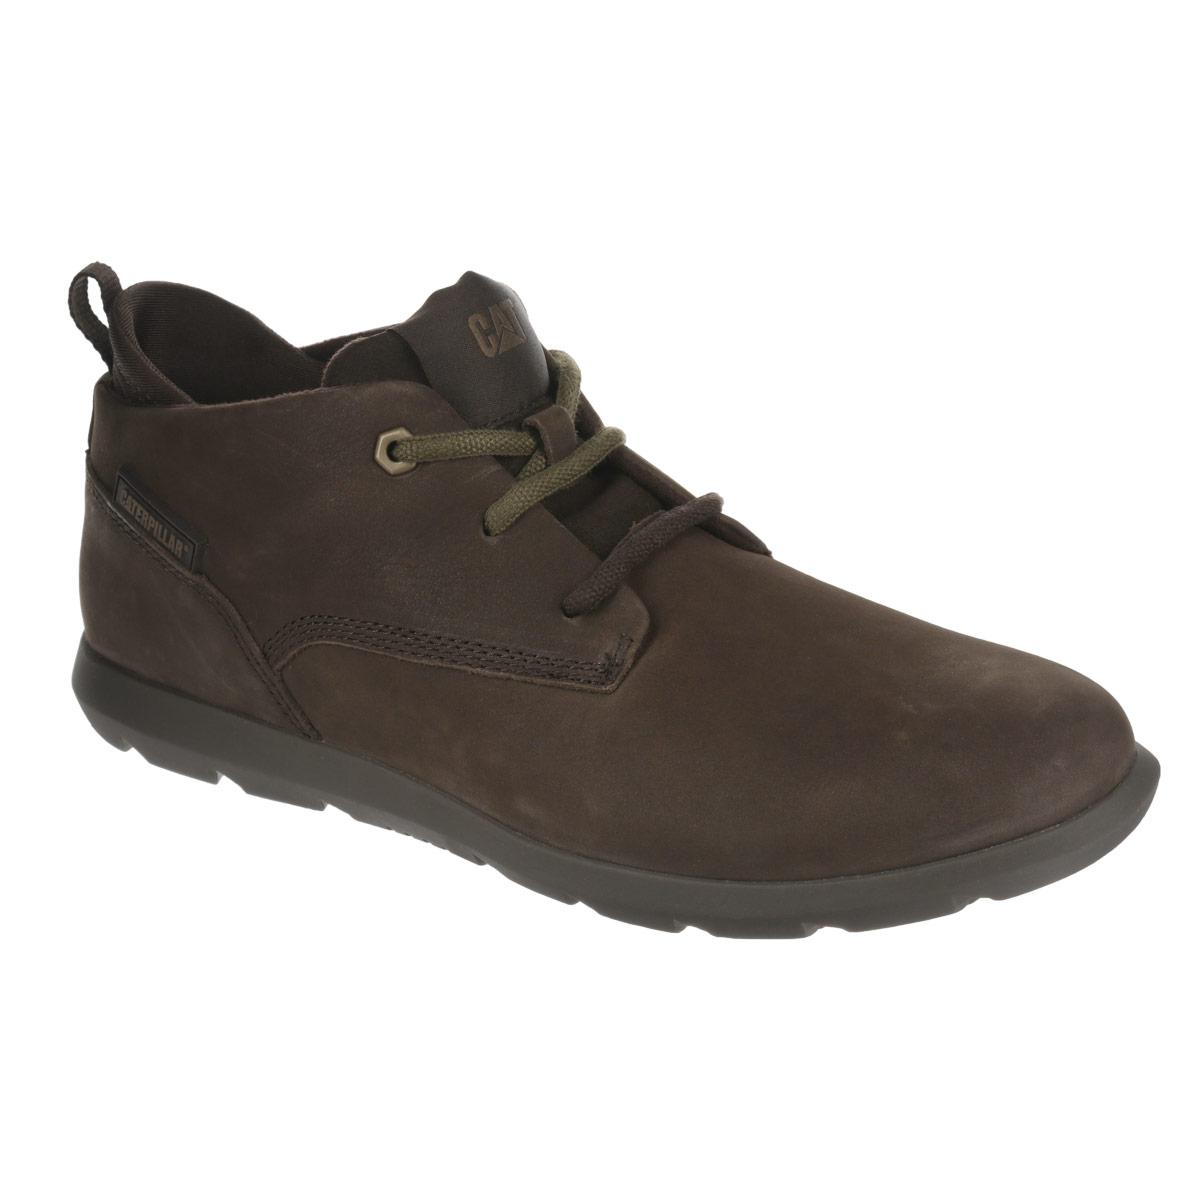 P719215Стильные мужские ботинки Roamer Mid Fleece от Caterpillar отличный вариант на каждый день. Модель выполнена из натуральной кожи и оформлена декоративной прострочкой, сбоку - прорезиненной вставкой с названием бренда, на язычке - текстильной нашивкой с логотипом бренда. Шнуровка надежно фиксирует модель на ноге. Ярлычок на заднике облегчает надевание обуви на ногу. Подкладка изготовлена из мягкого материала, позволяющего сохранить ноги в тепле. Съемная стелька EVA с текстильной поверхностью обеспечивает комфорт и амортизацию. Резиновая подошва с протектором гарантирует отличное сцепление с поверхностью. В таких ботинках вашим ногам будет комфортно и уютно. Они подчеркнут ваш стиль и индивидуальность.